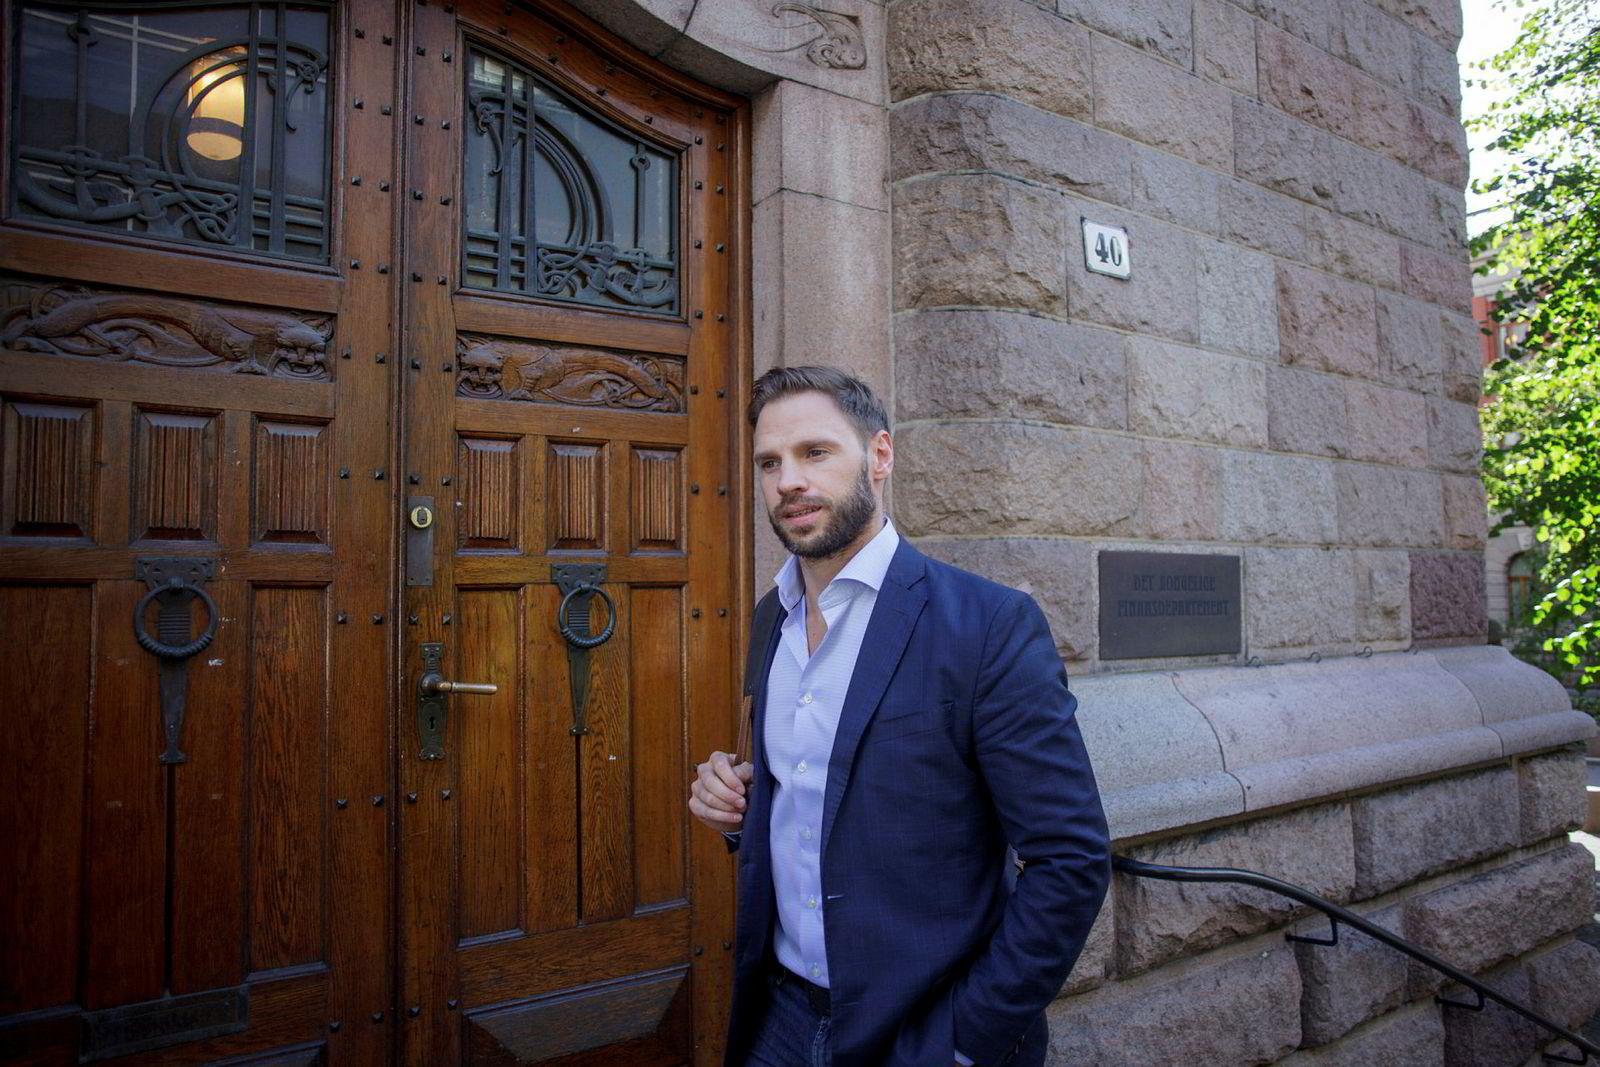 Næringspolitisk sjef Ole Michael Bjørndal i NHO Reiseliv troppet torsdag opp hos Finansdepartementet for å klage over nye regler for innberetning av tips.